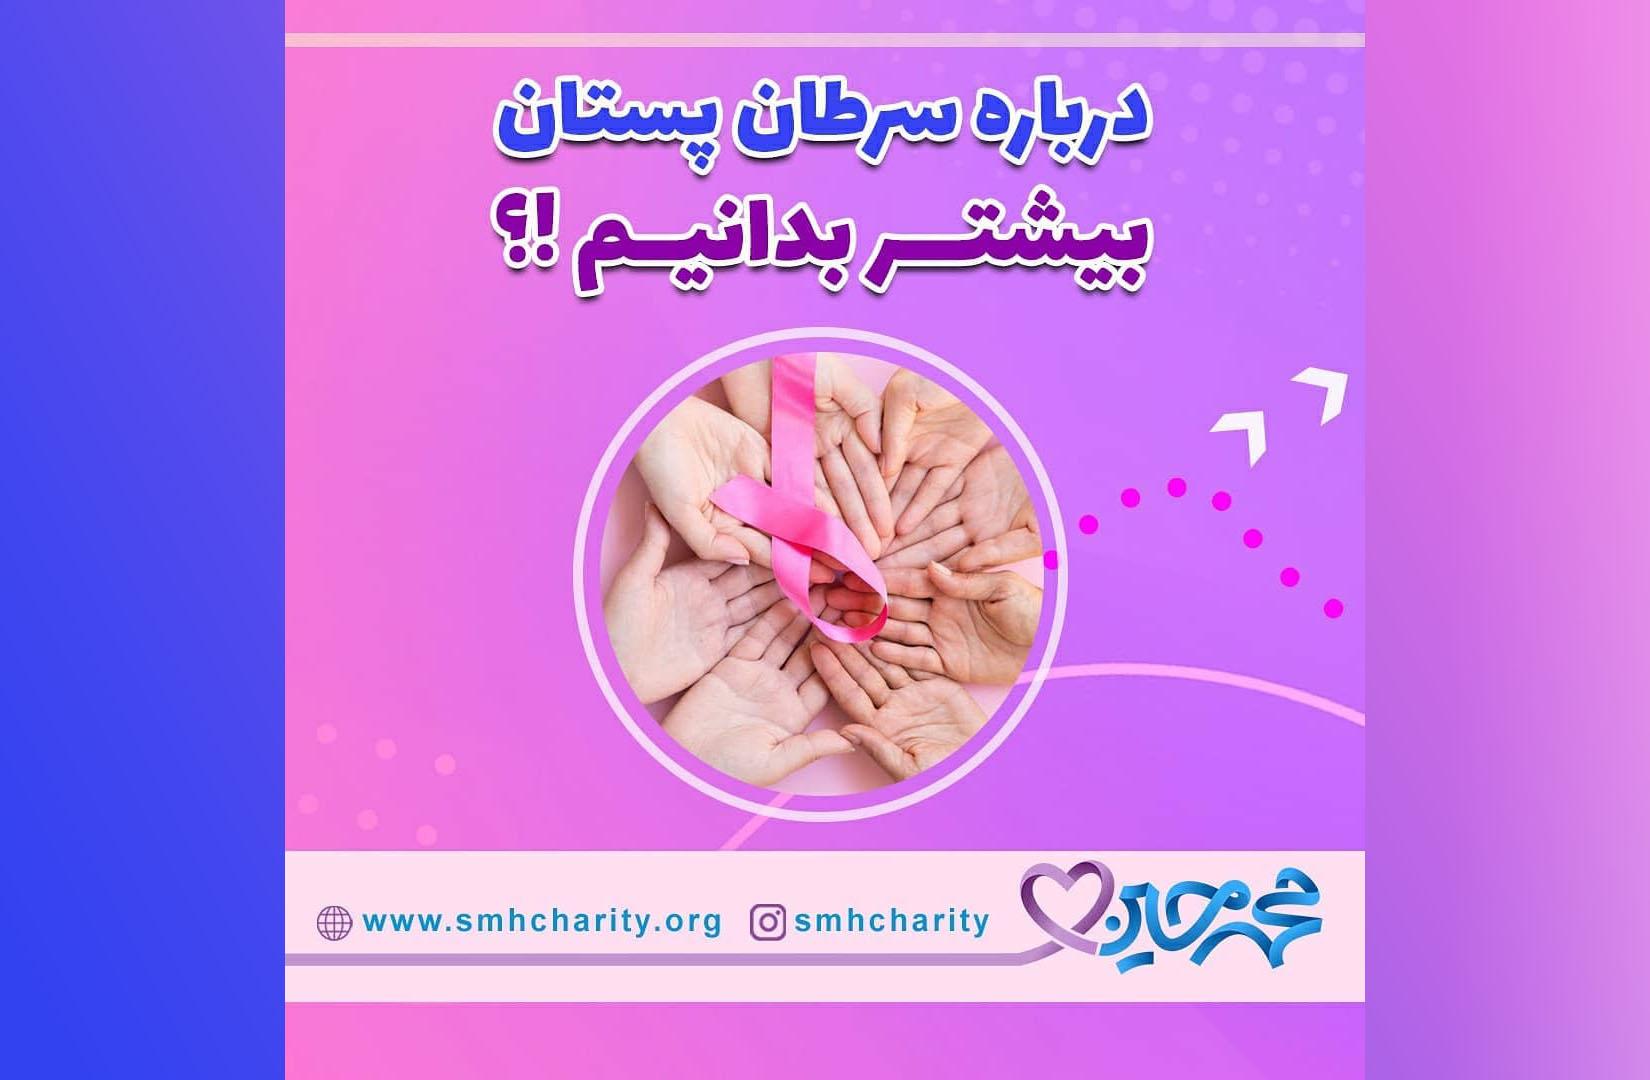 درباره سرطان پستان بیشتر بدانیم